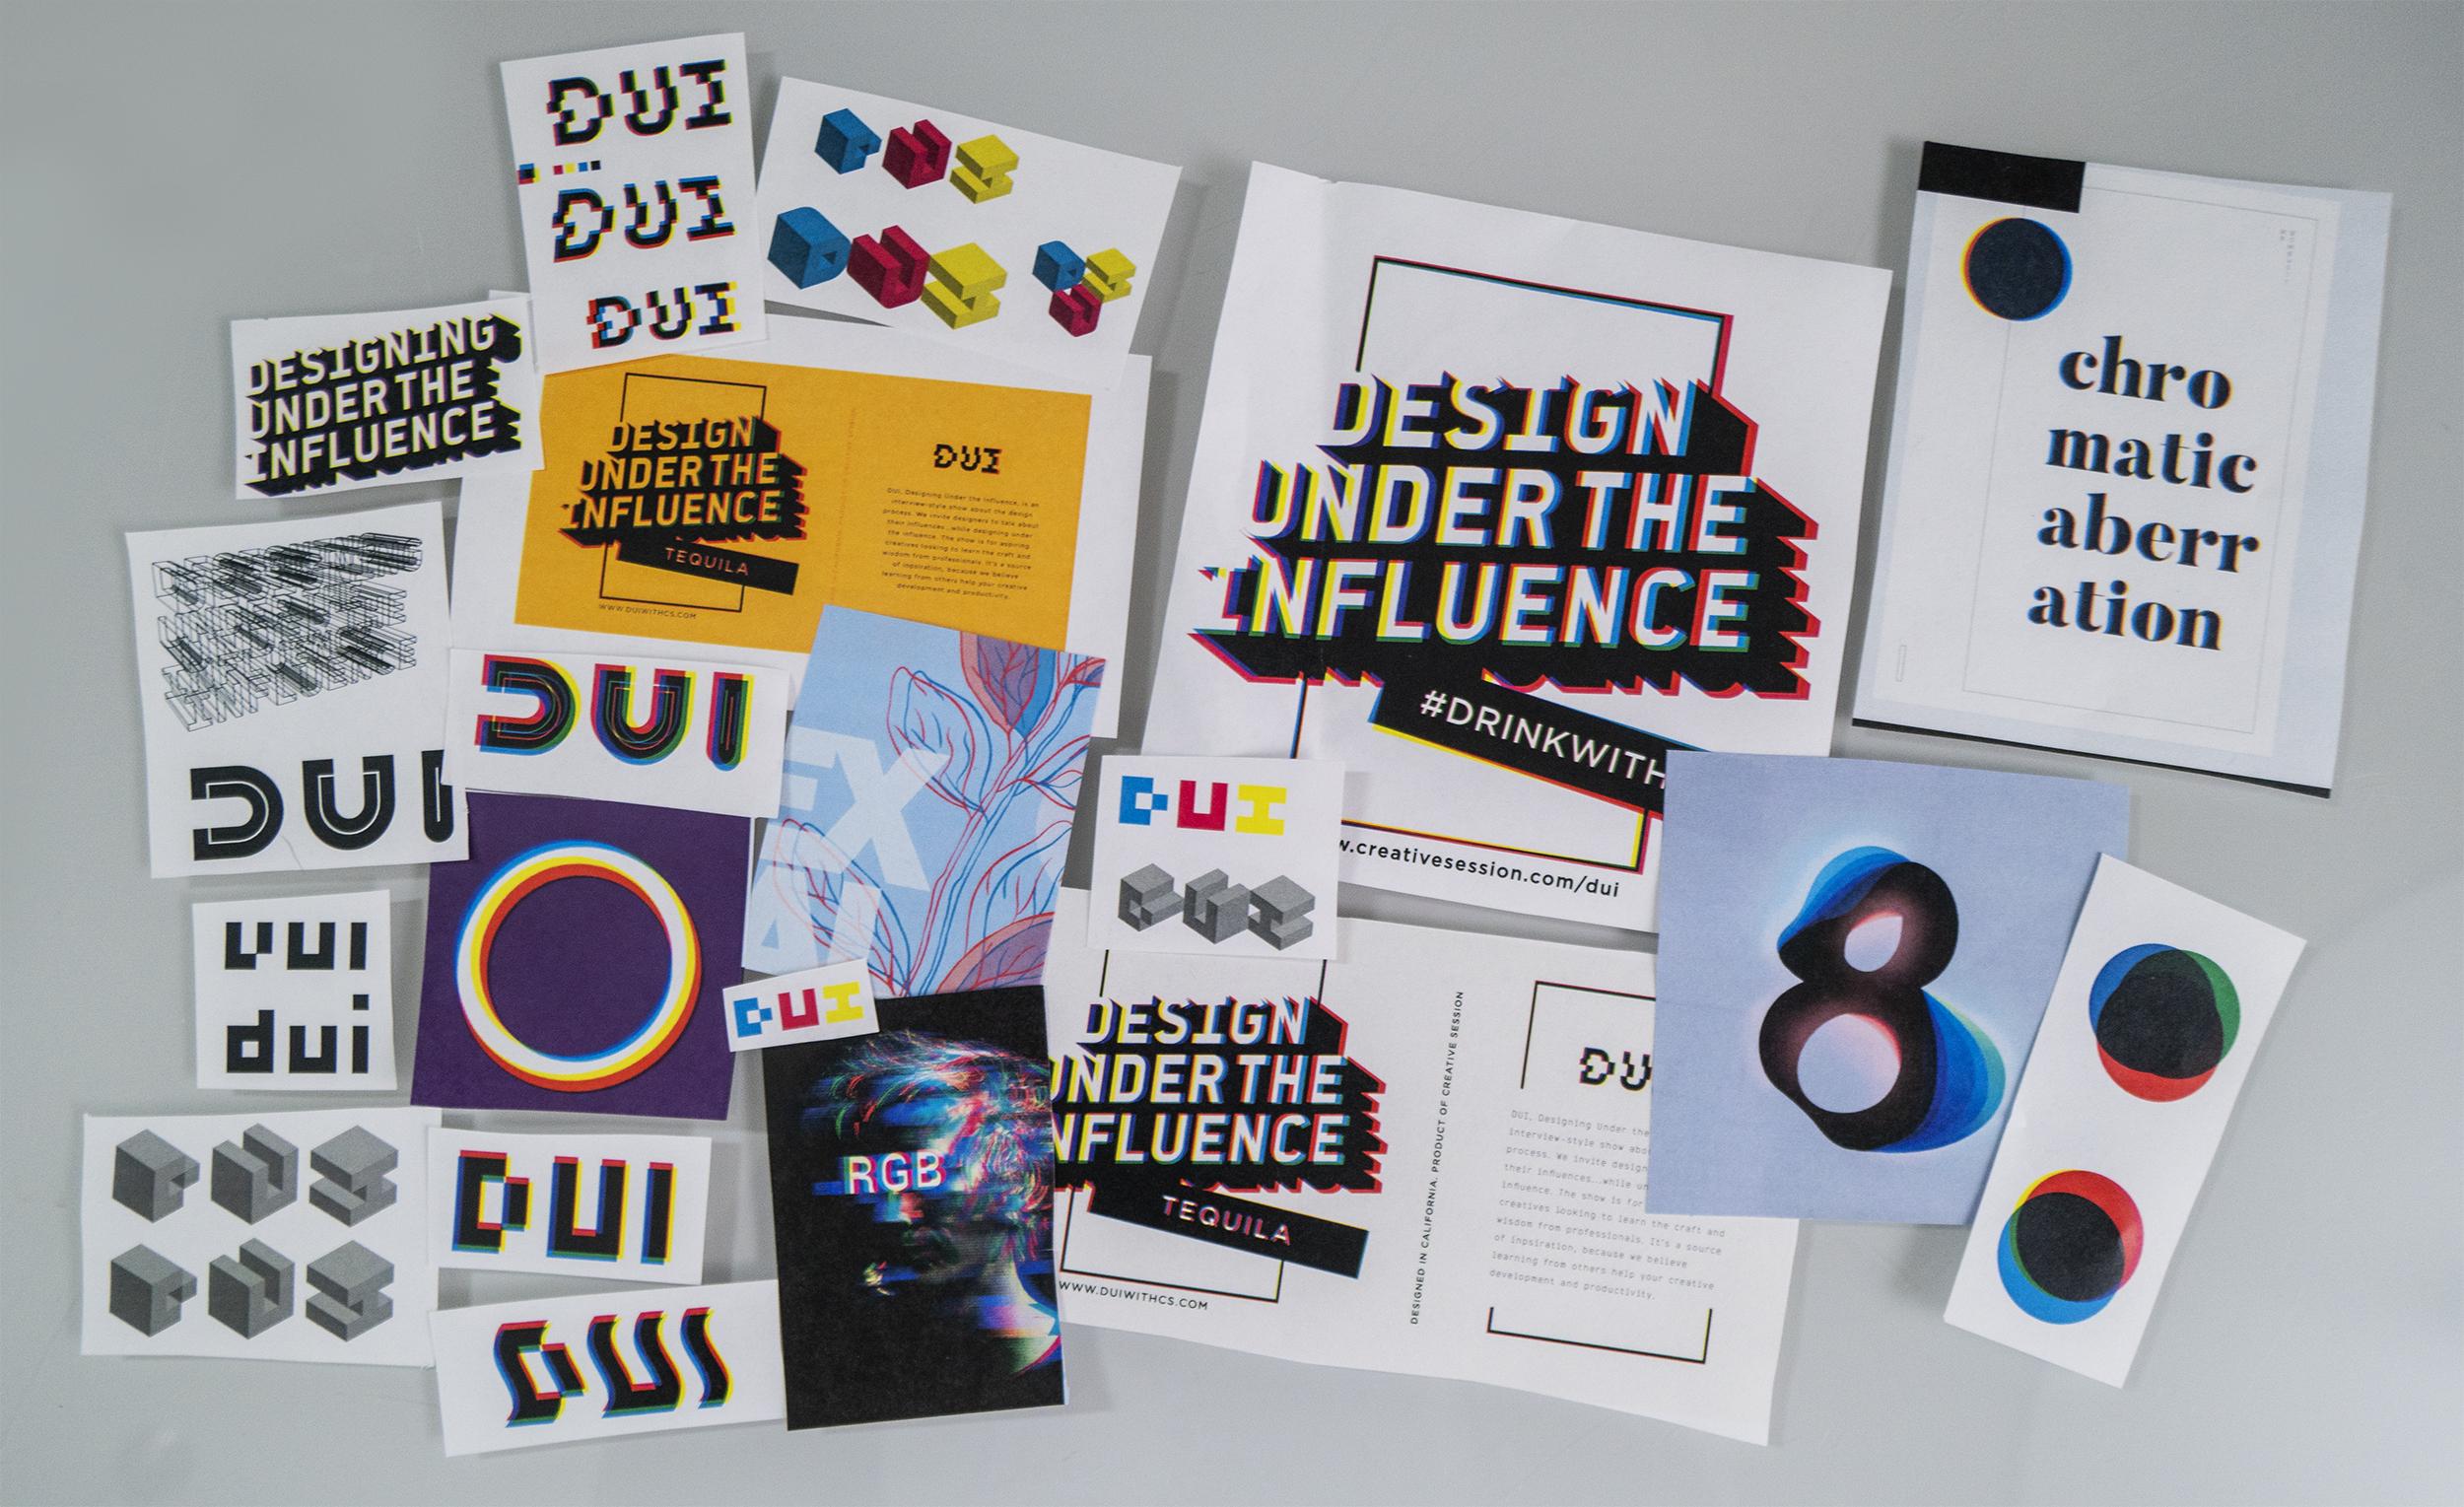 DUI-design-under-the-influence-process-1.jpg